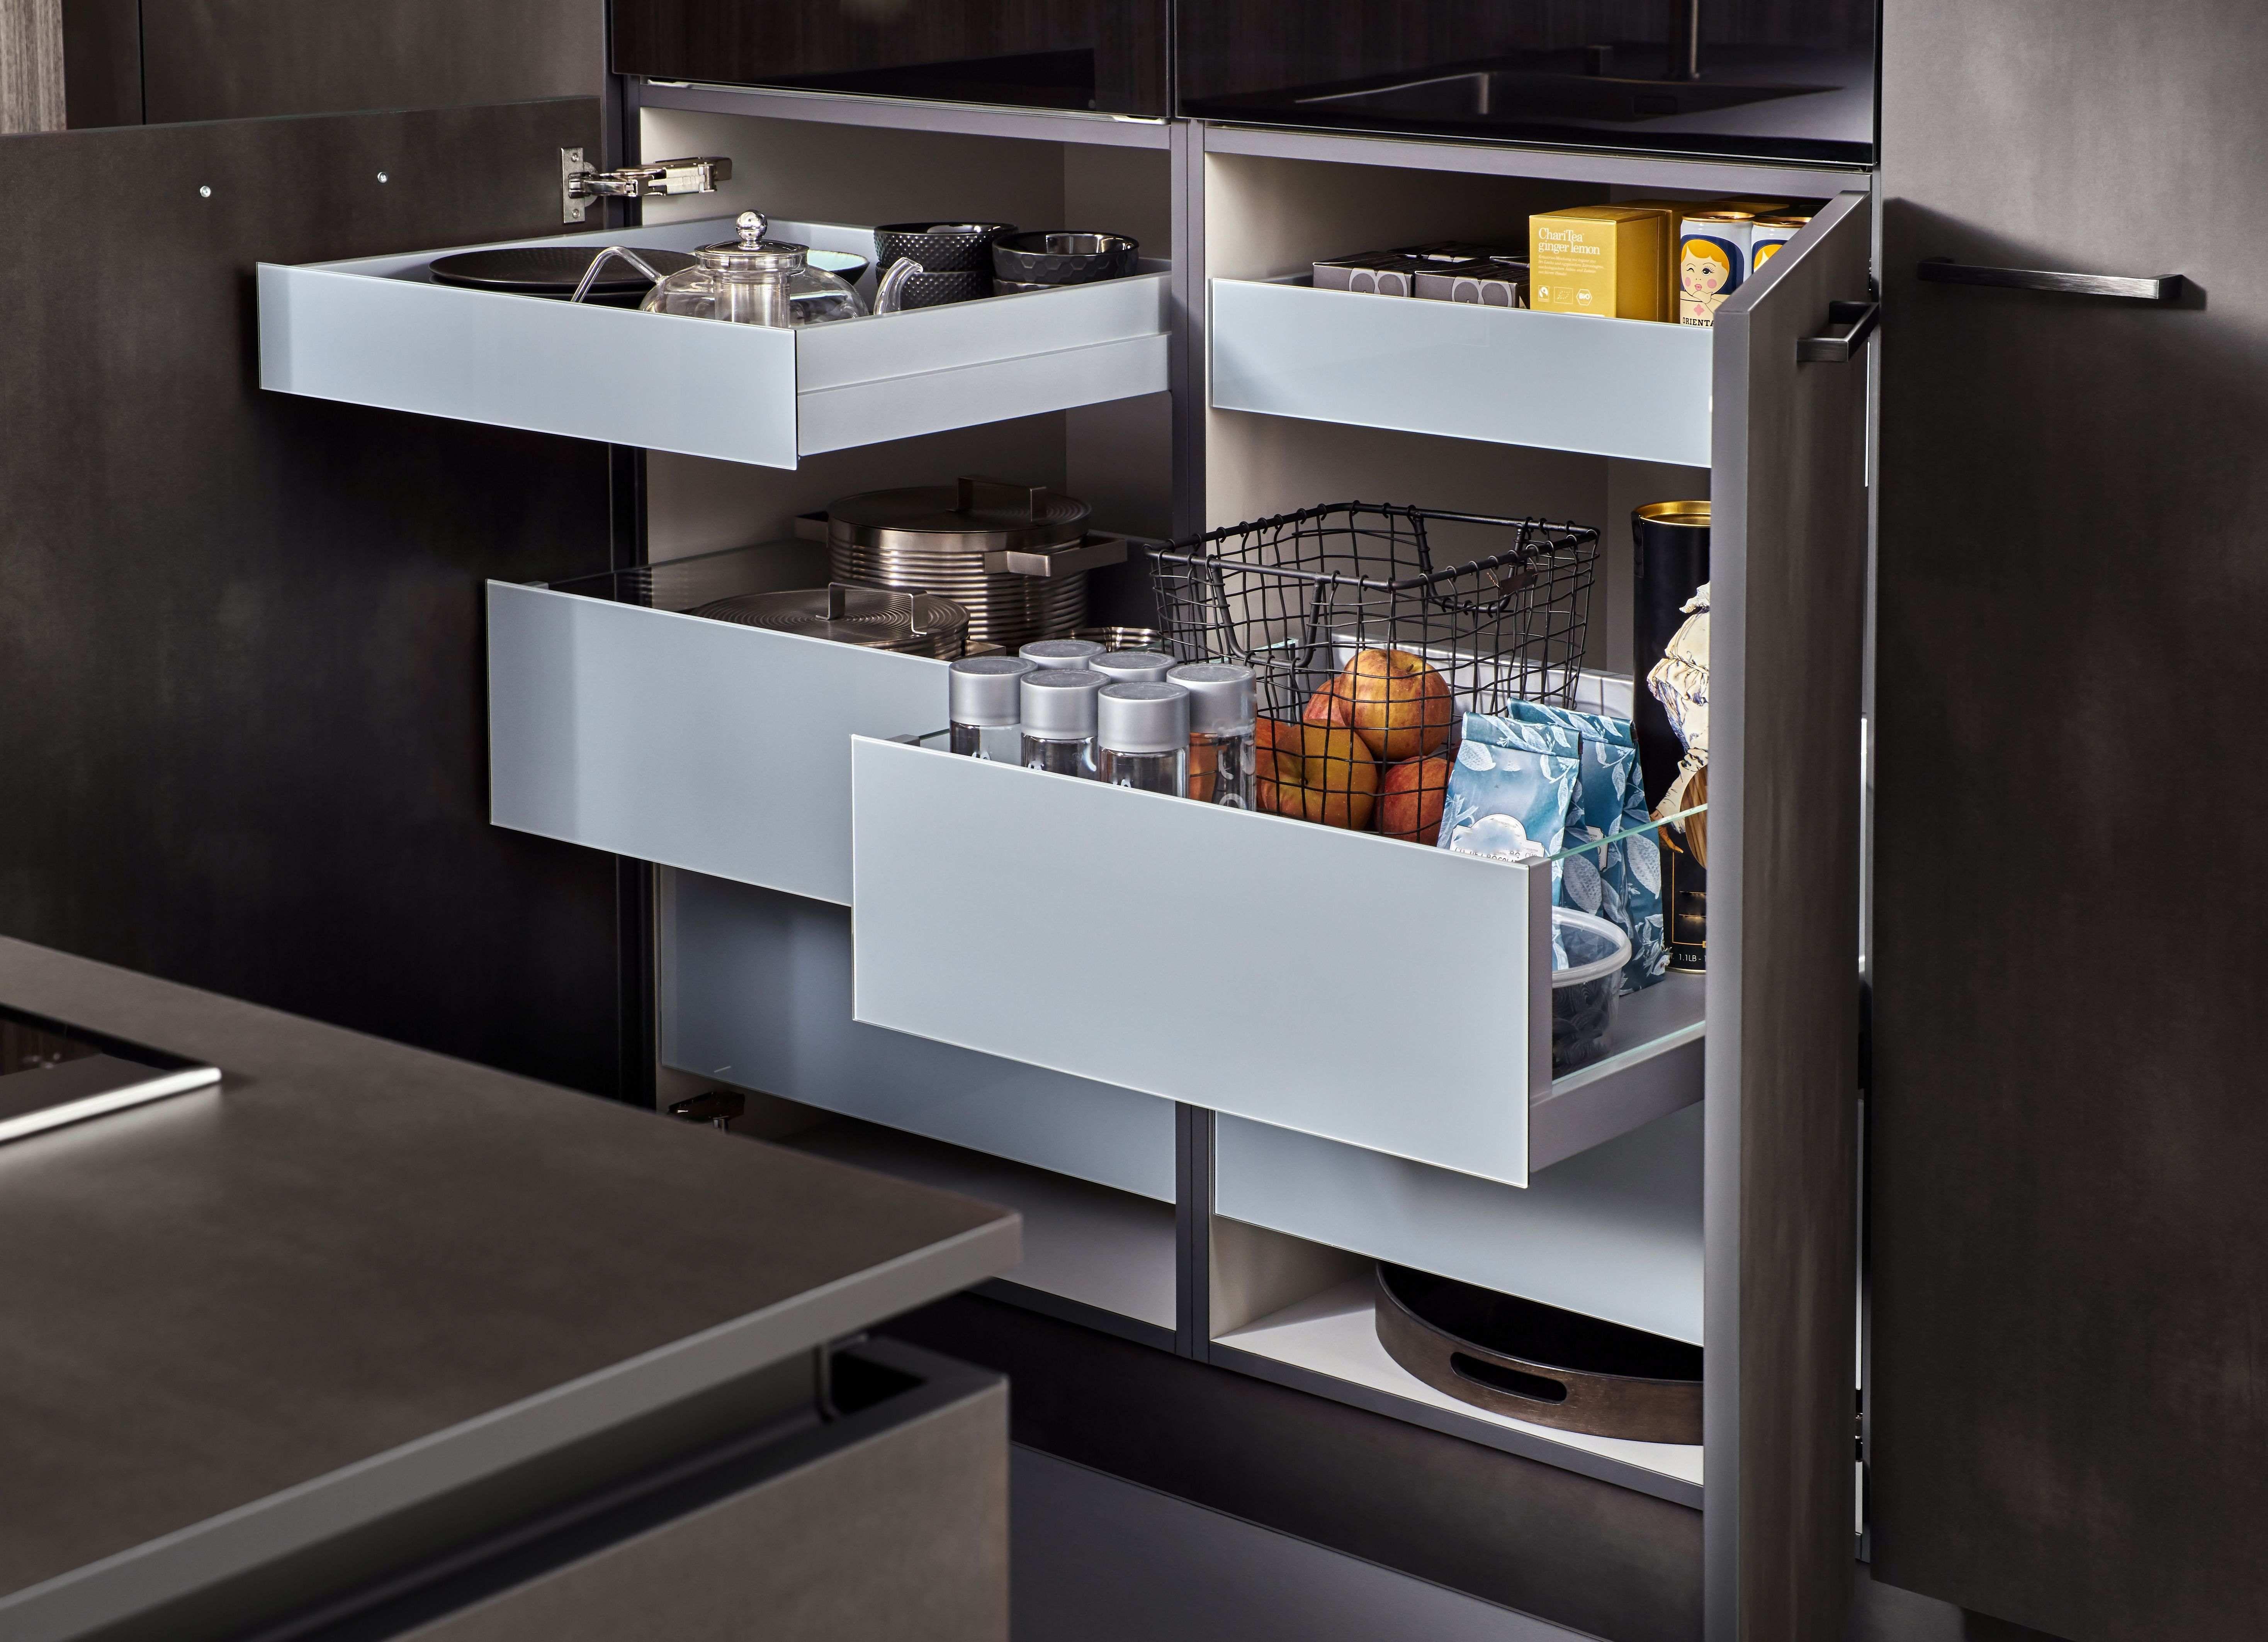 Come organizzare l'interno di un mobile della cucina